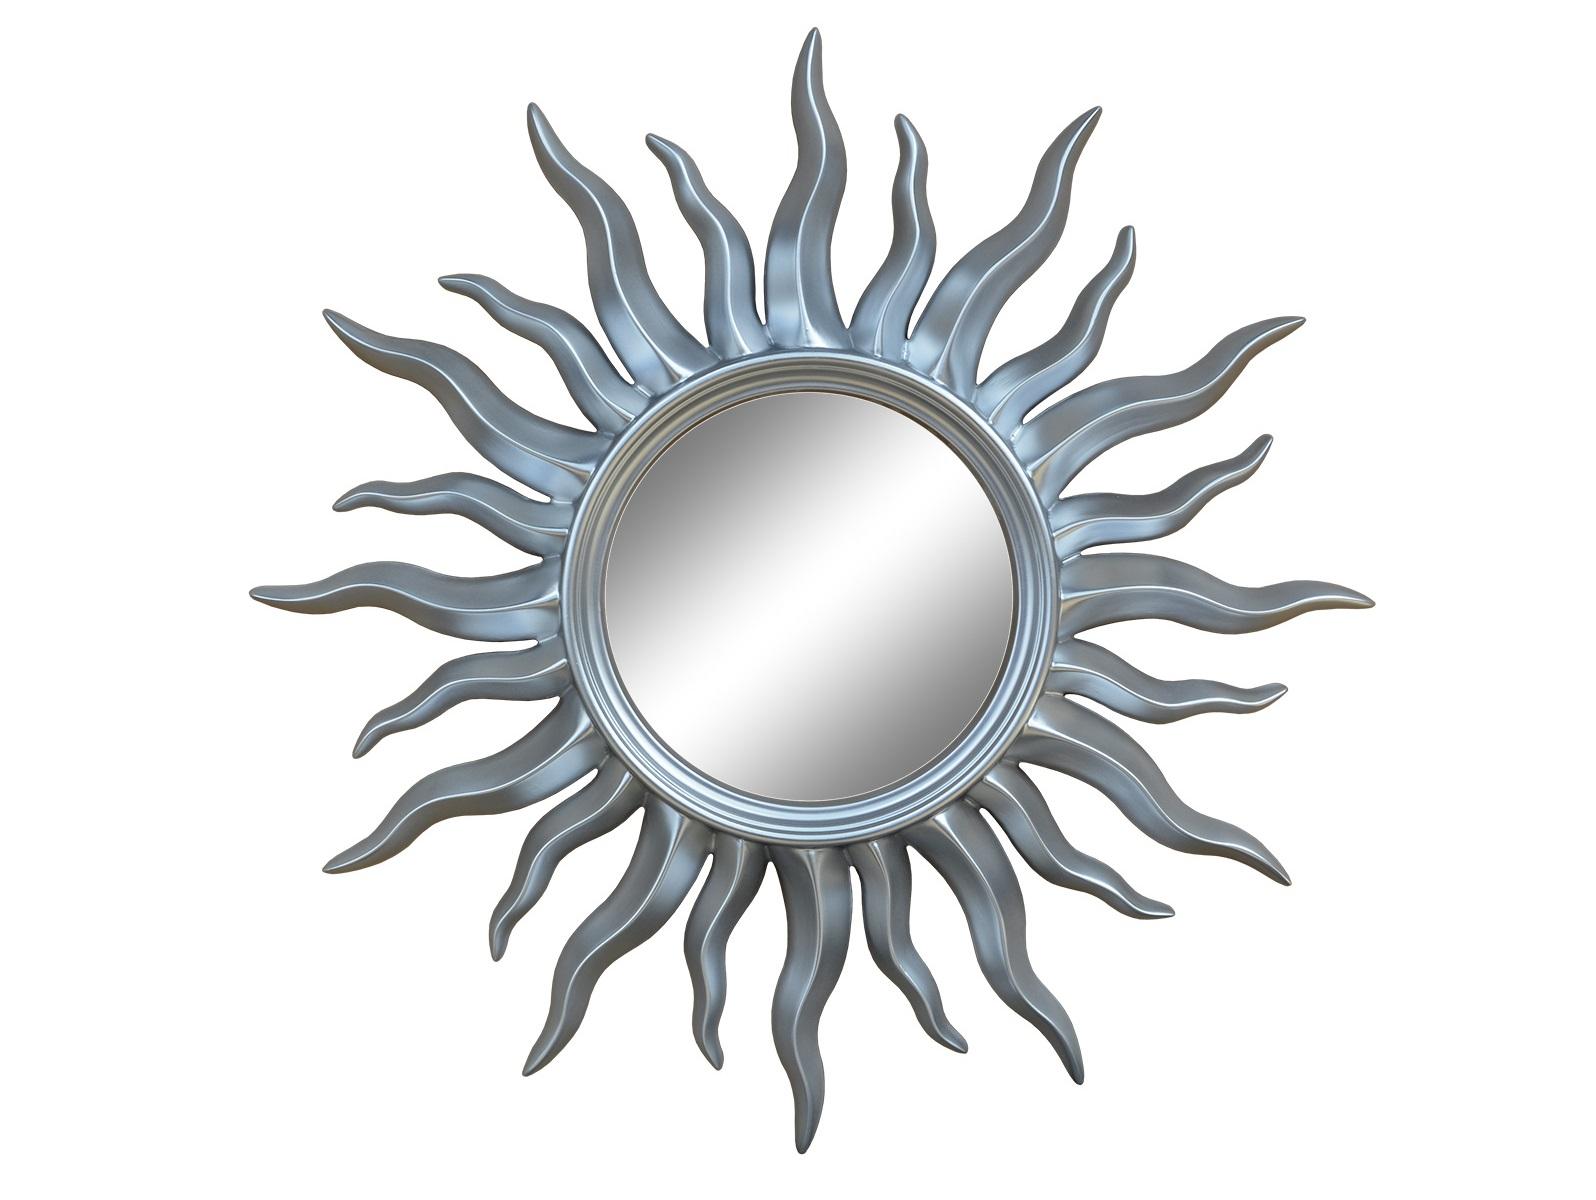 ЗеркалоНастенные зеркала<br>&amp;lt;div&amp;gt;Основные особенности ППУ: Безопасен для здоровья, не содержит вещества вызывающие аллергию, долговечность, надежность, жесткость, влагостойкость. Все декоративные красители - грунты, эмали, воски обладают высокой стойкостью.&amp;amp;nbsp;&amp;lt;/div&amp;gt;&amp;lt;div&amp;gt;Основное преимущество использованных материалов - это отсутствие запахов и быстрое высыхание, а также экологичность.&amp;amp;nbsp;&amp;lt;/div&amp;gt;&amp;lt;div&amp;gt;&amp;lt;br&amp;gt;&amp;lt;/div&amp;gt;&amp;lt;div&amp;gt;Рекомендации по уходу: бережная, влажная уборка.&amp;amp;nbsp;&amp;lt;/div&amp;gt;&amp;lt;div&amp;gt;Запрещается использование любых растворителей.&amp;lt;/div&amp;gt;<br><br>Material: Полиуретан<br>Length см: None<br>Width см: None<br>Depth см: 4<br>Height см: None<br>Diameter см: 91